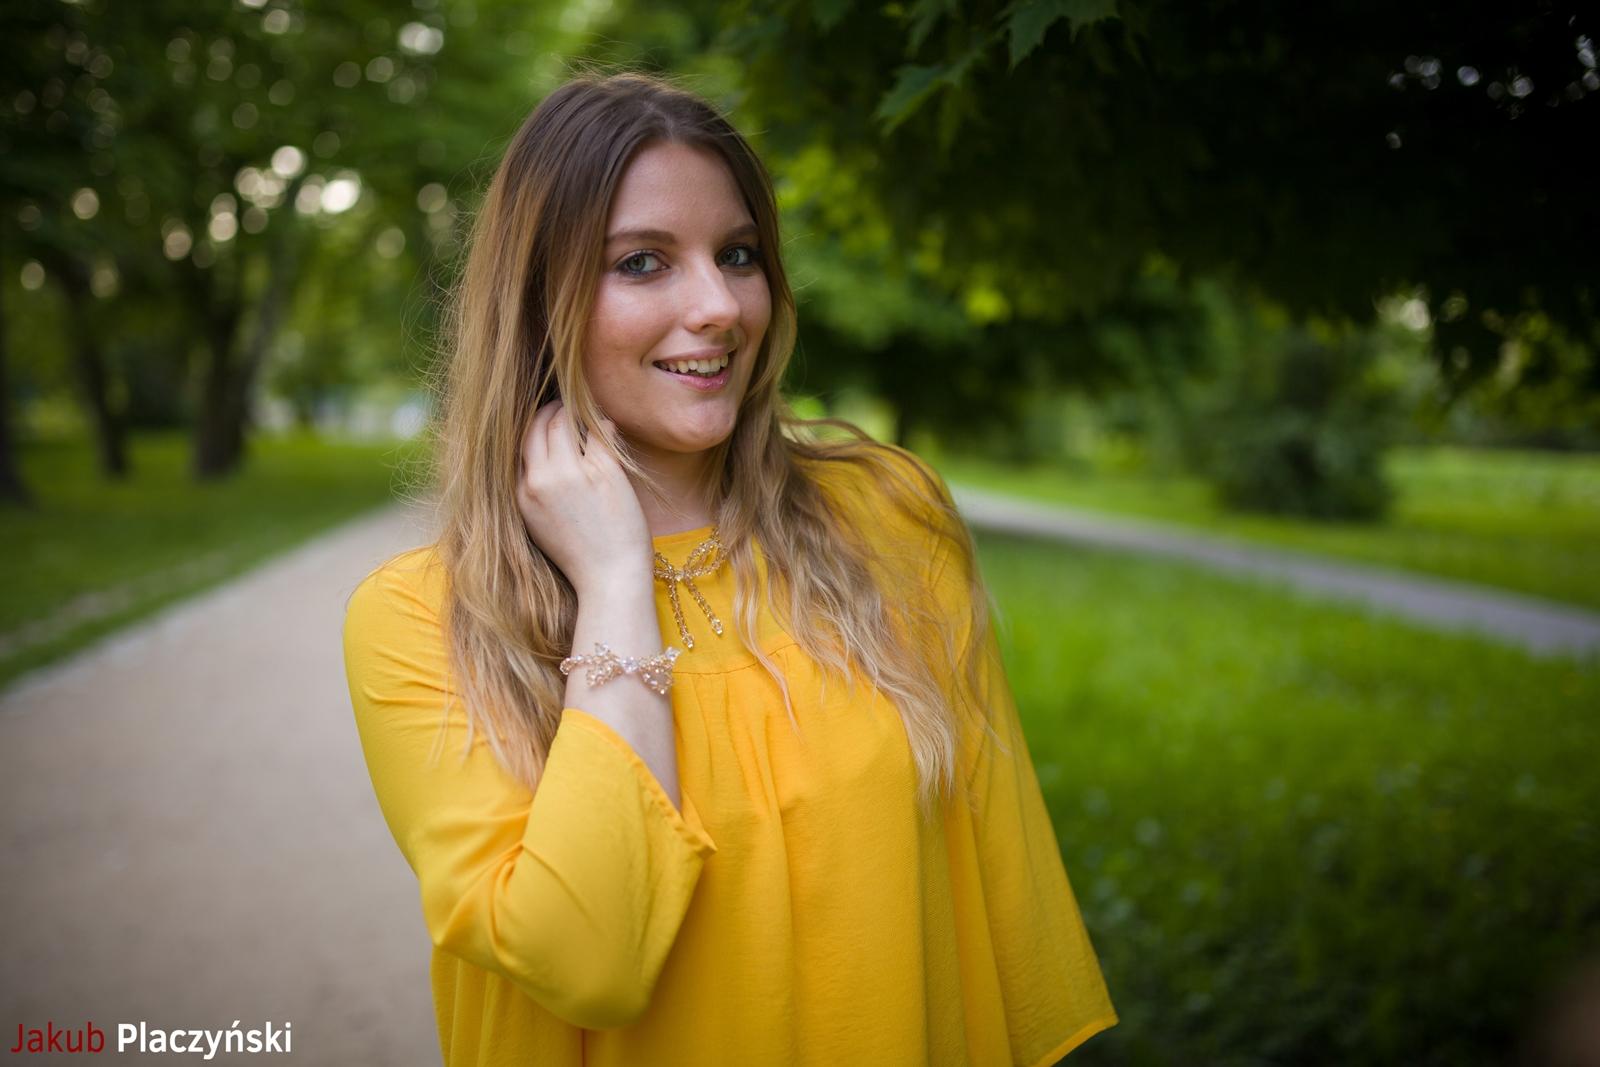 11 żółta sukienka na lato bonprix niebieskie espadryle z ananasem renee shoes reneegirls reneeshoes melodylaniella modnapolka lookbook ootd moda na lato biżuteria piotrowski swarovski